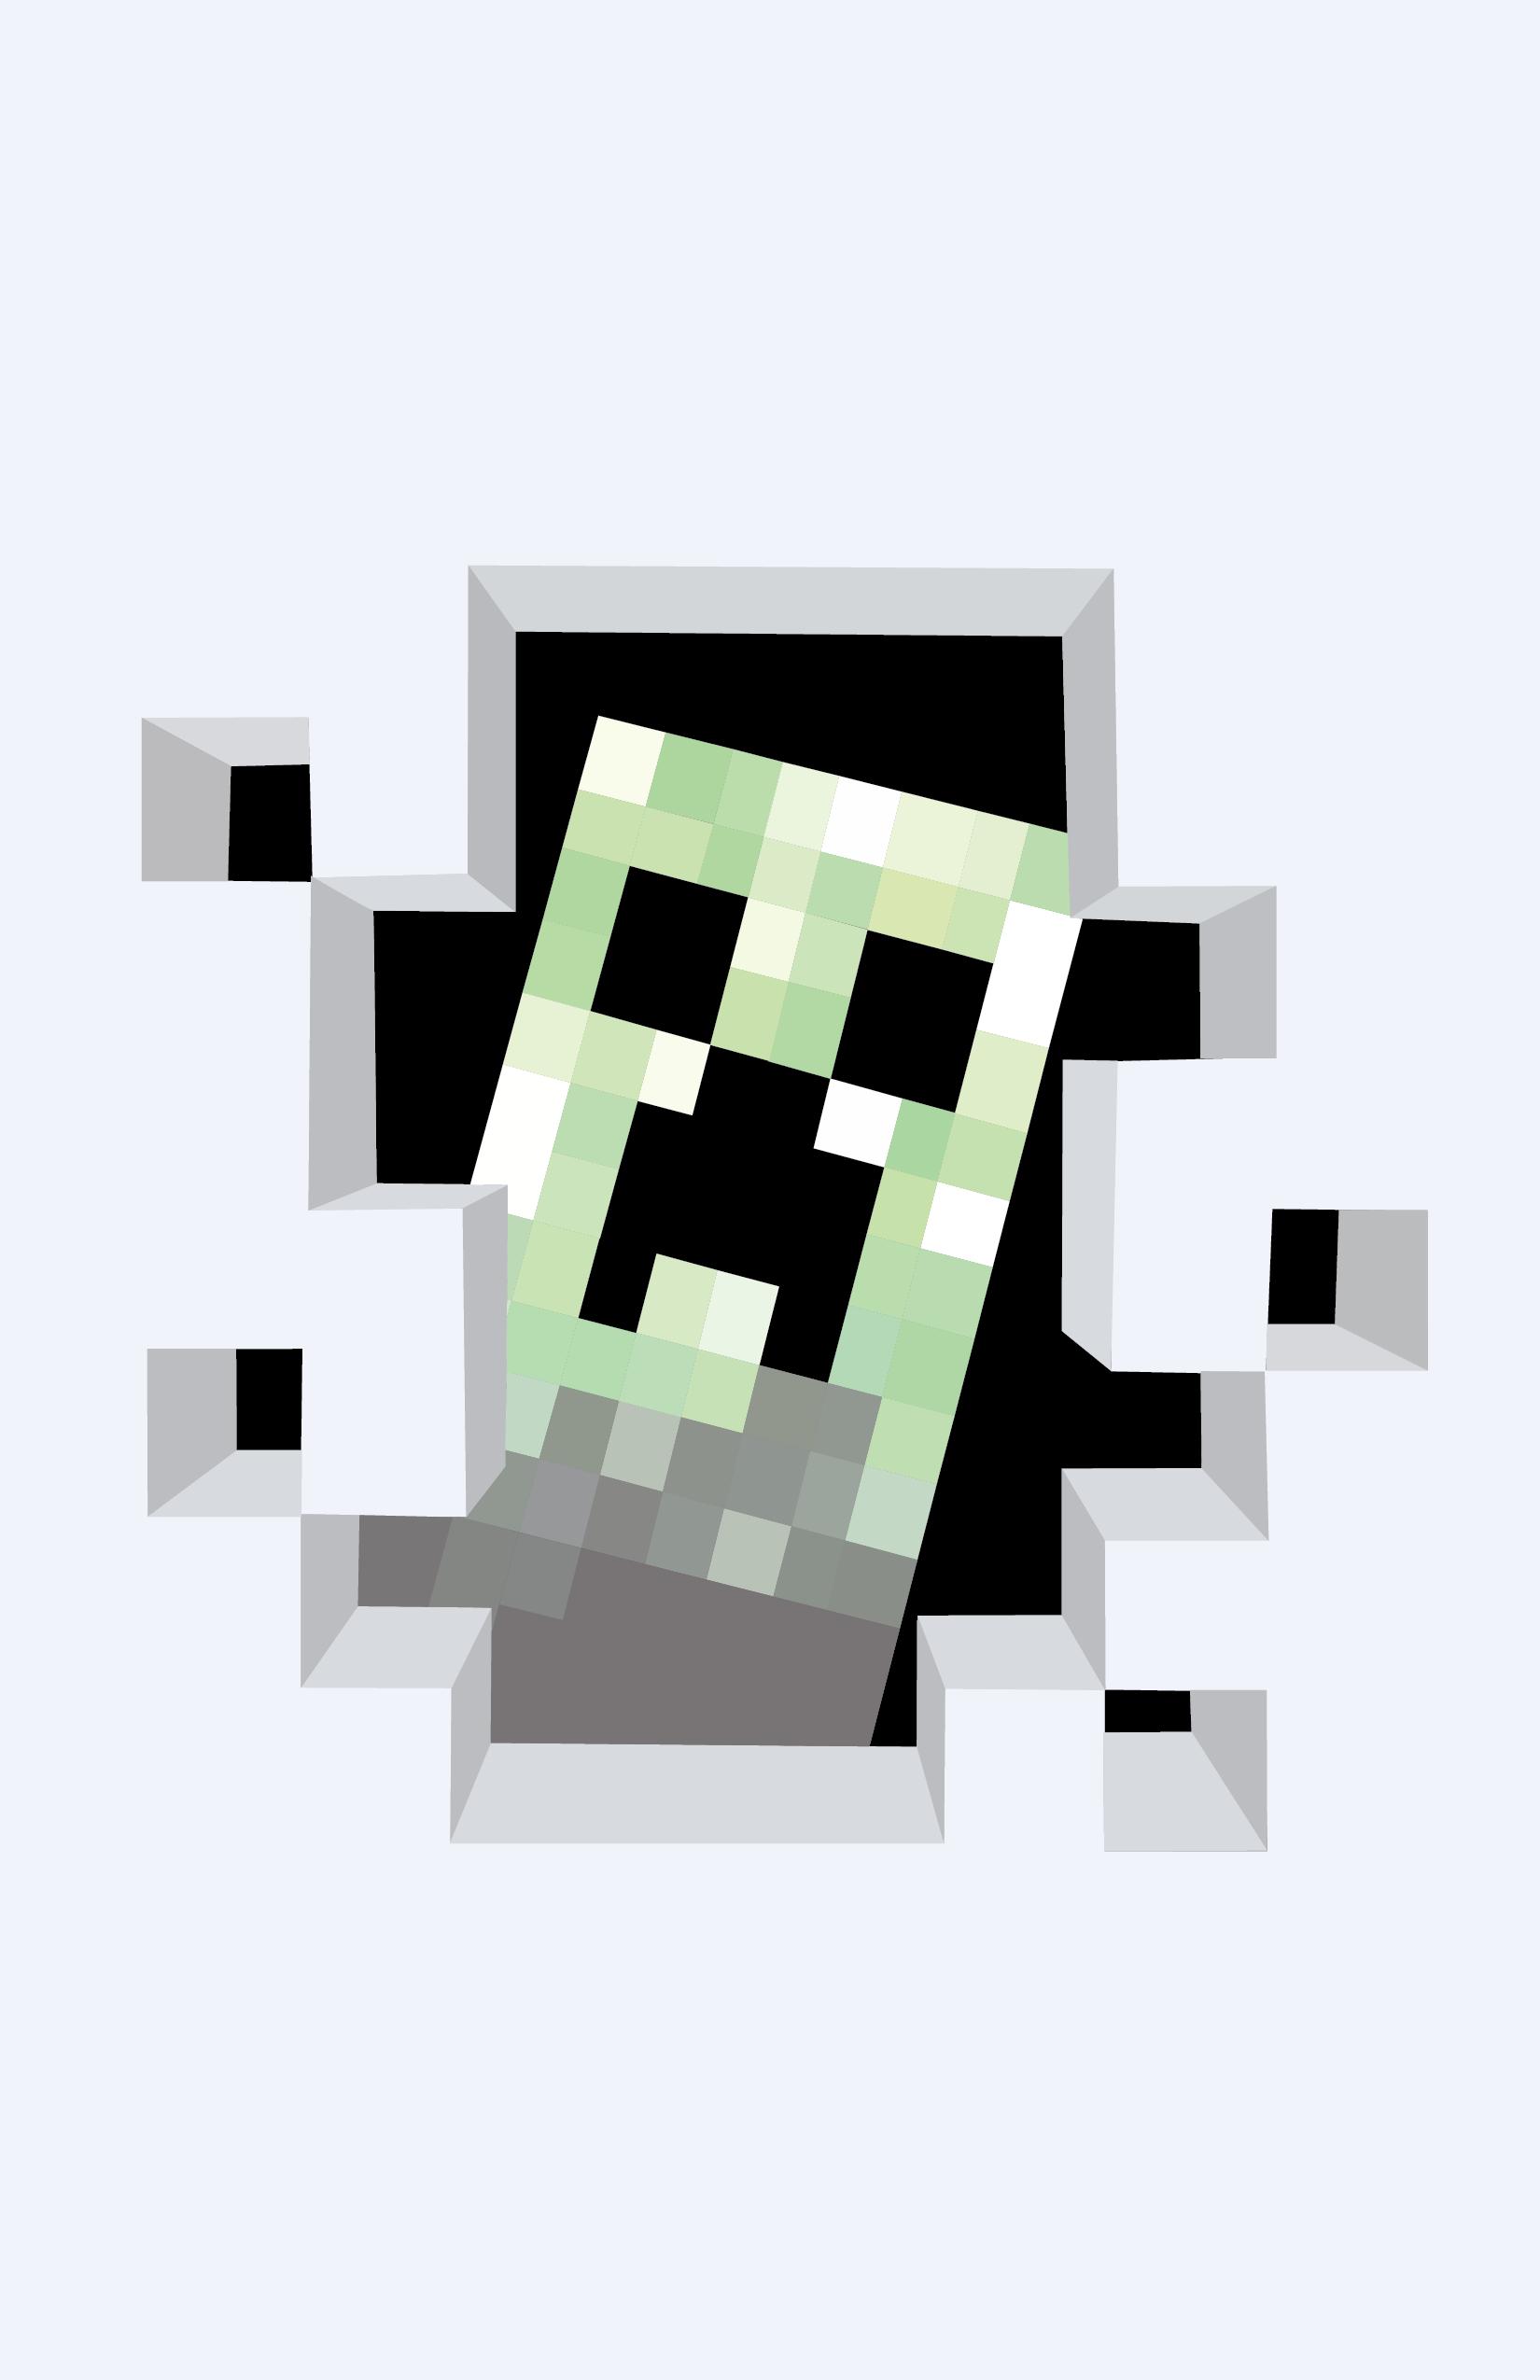 1650x2550 Minecraft Creeper By Whitekidz